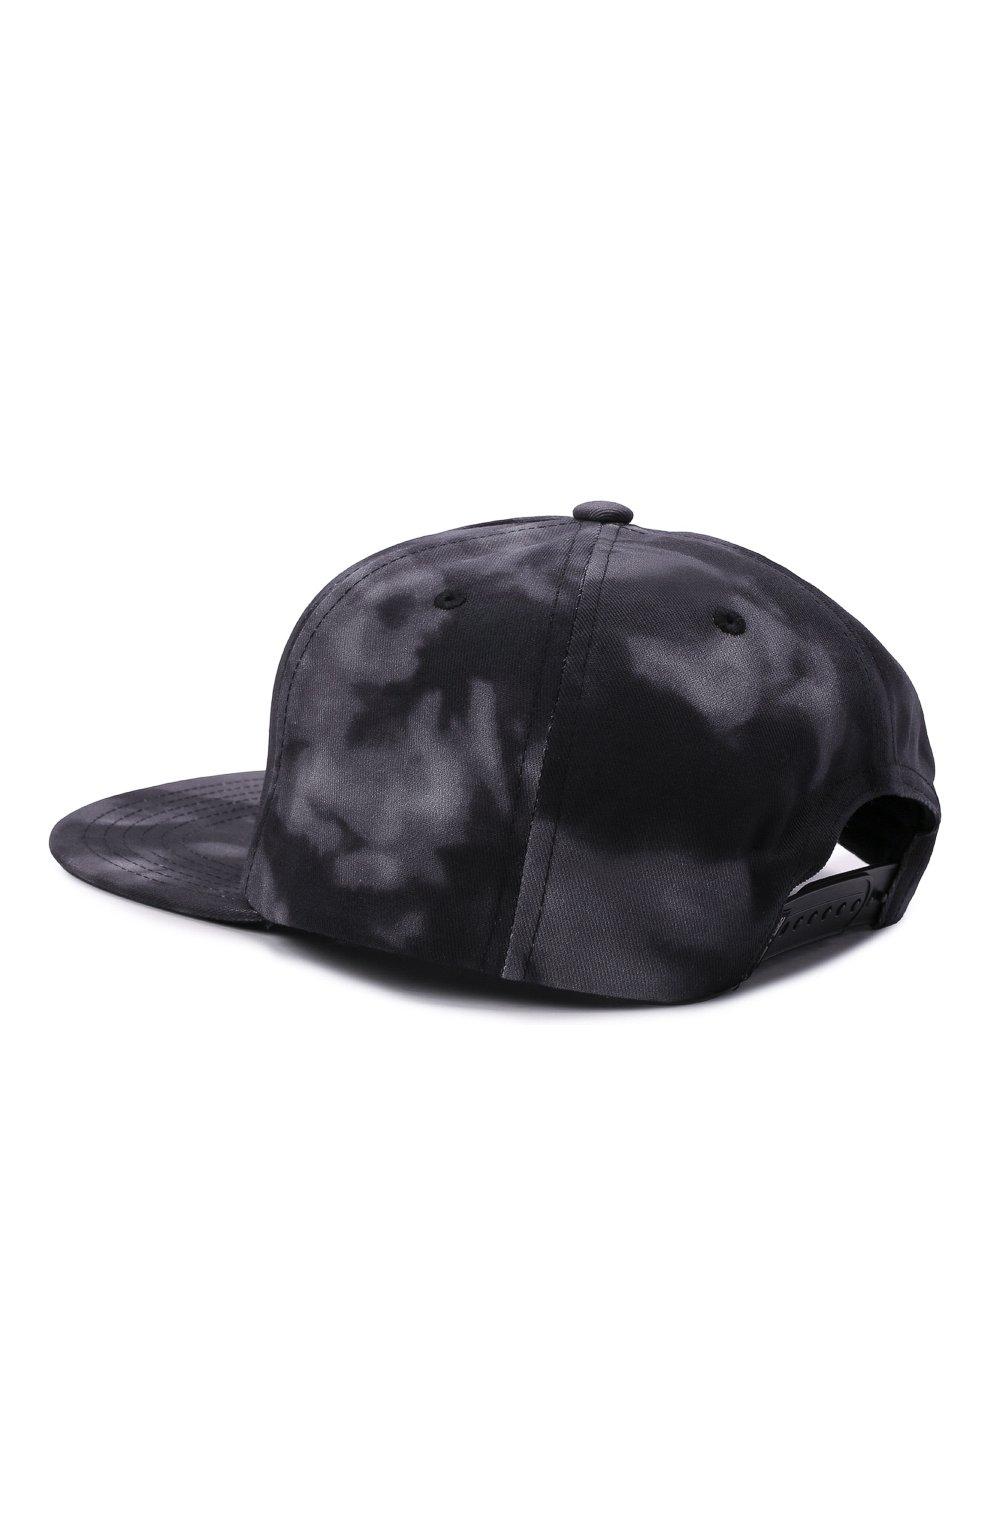 Мужской хлопковая бейсболка HARLEY-DAVIDSON серого цвета, арт. 97691-21VM   Фото 3 (Материал: Текстиль, Хлопок)